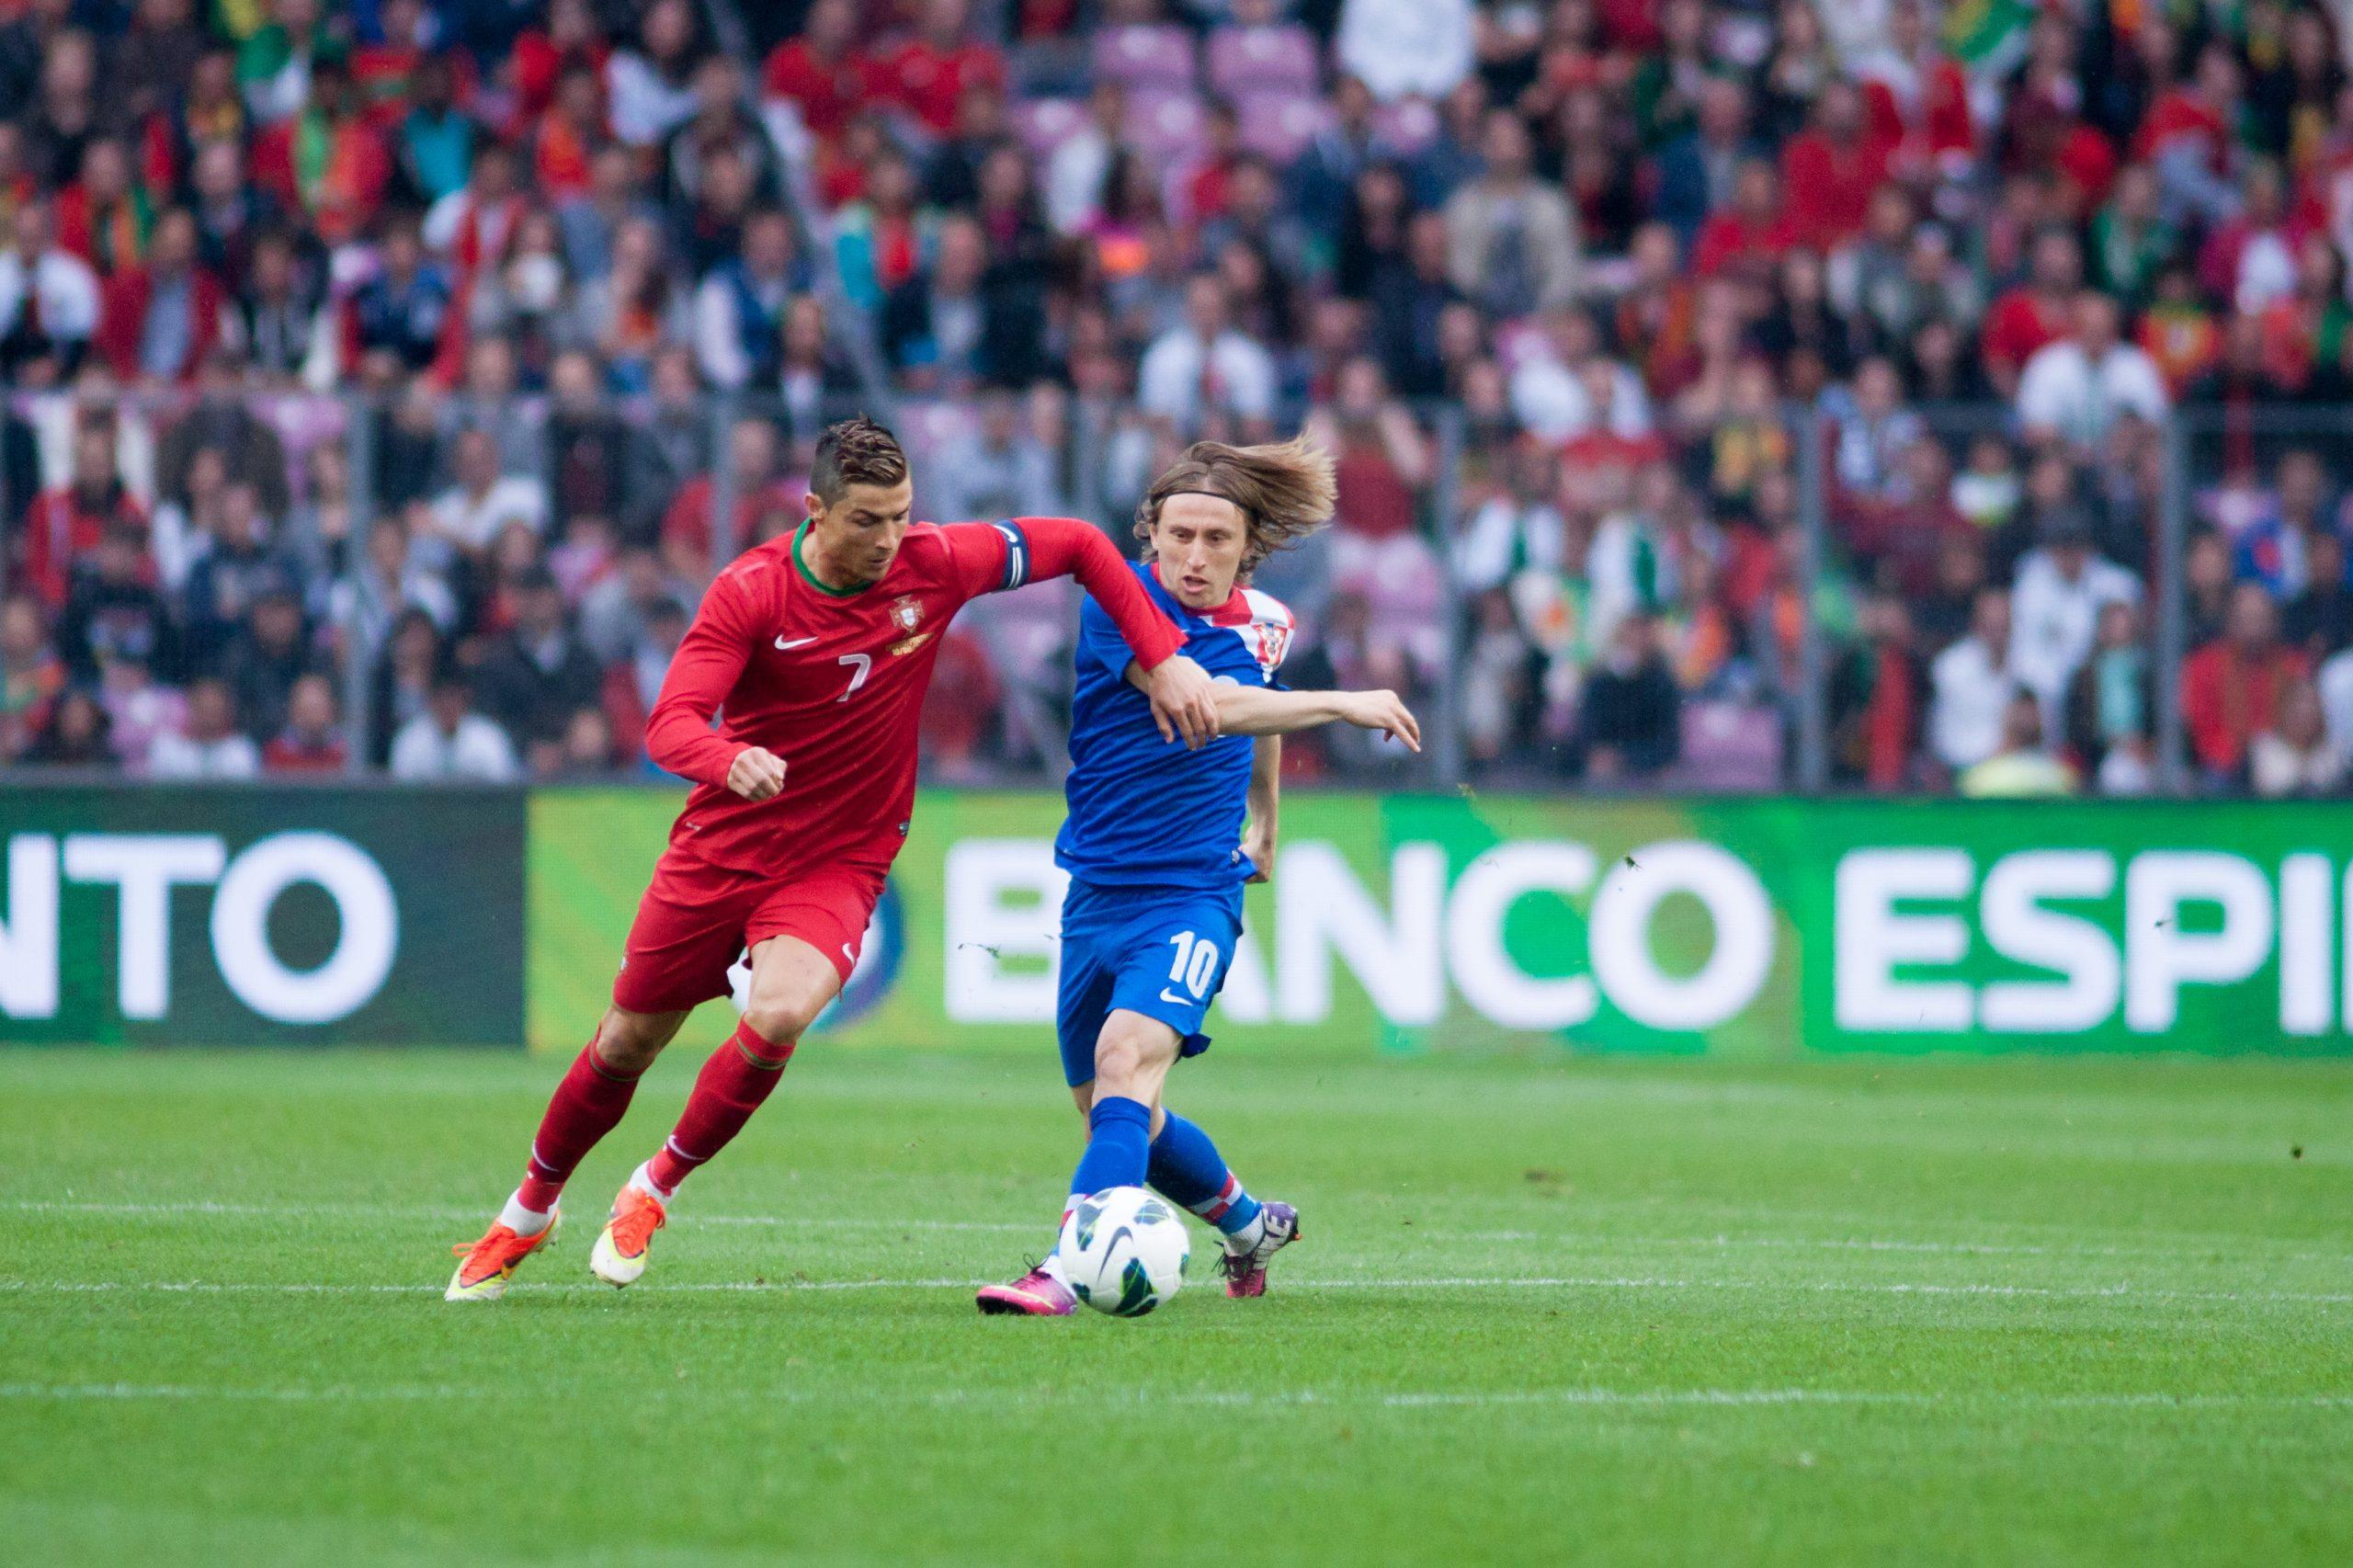 Nhận định Bồ Đào Nha vs Croatia, 01h45 ngày 06/09, Nations League